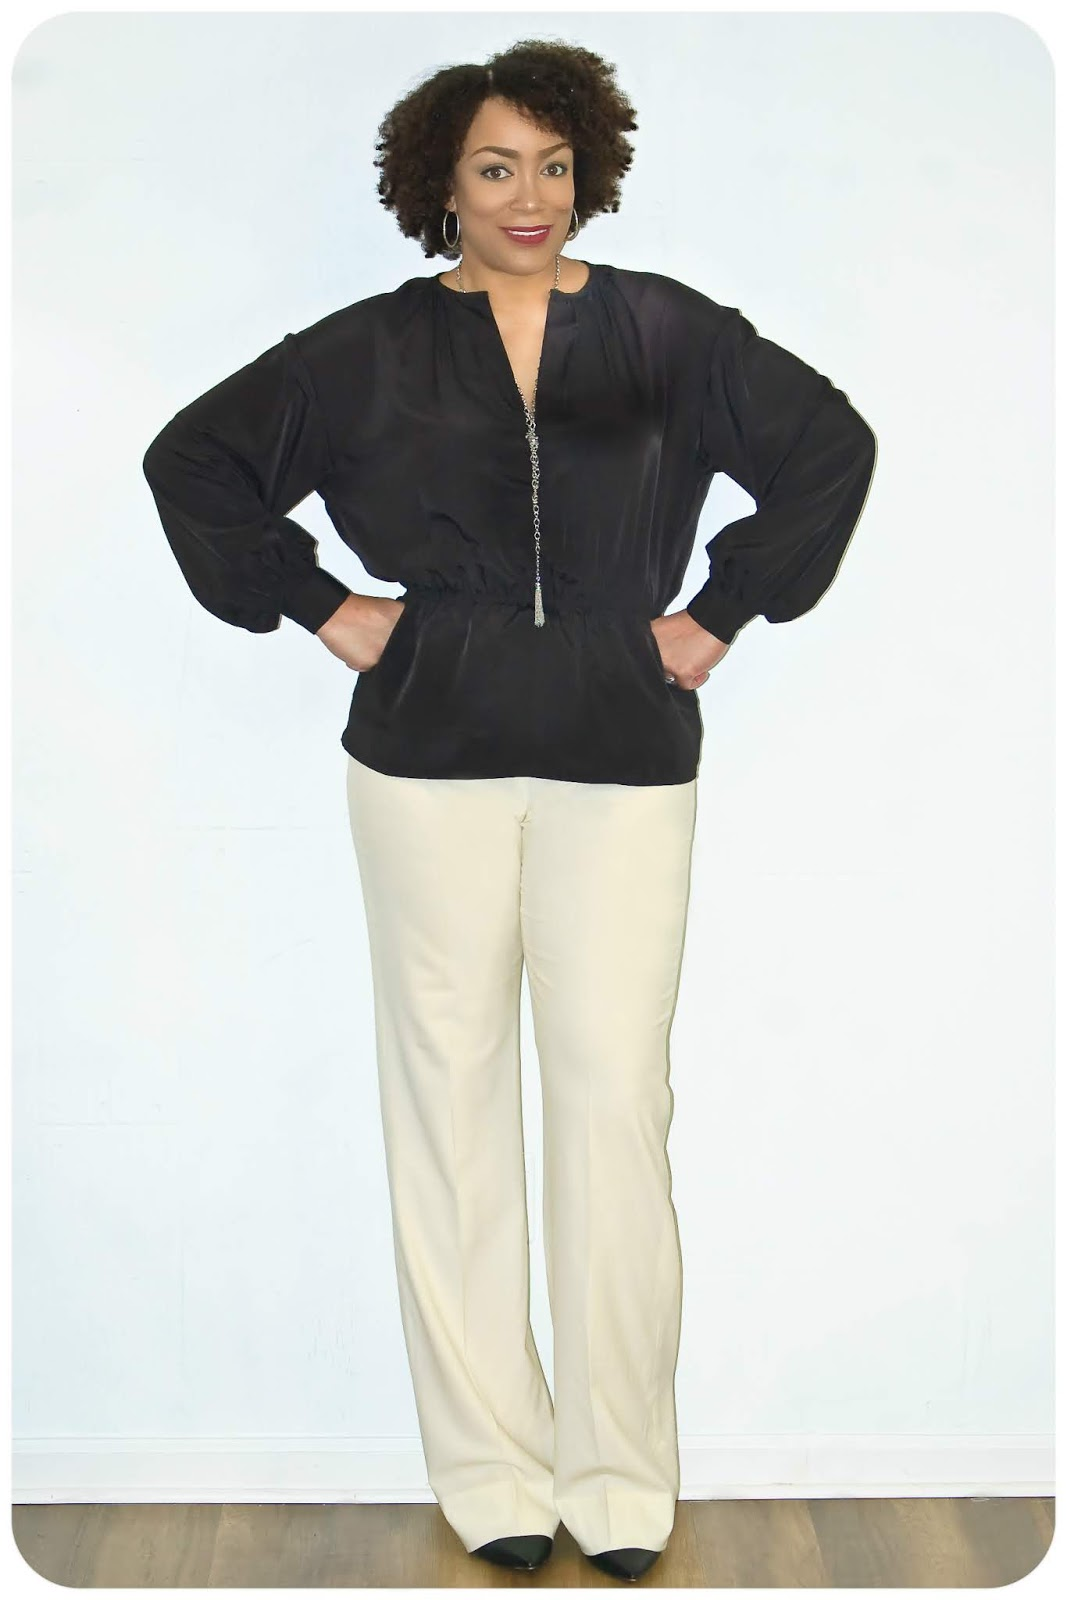 McCall's 7868 - Peachskin Tunic - Erica Bunker DIY Style!